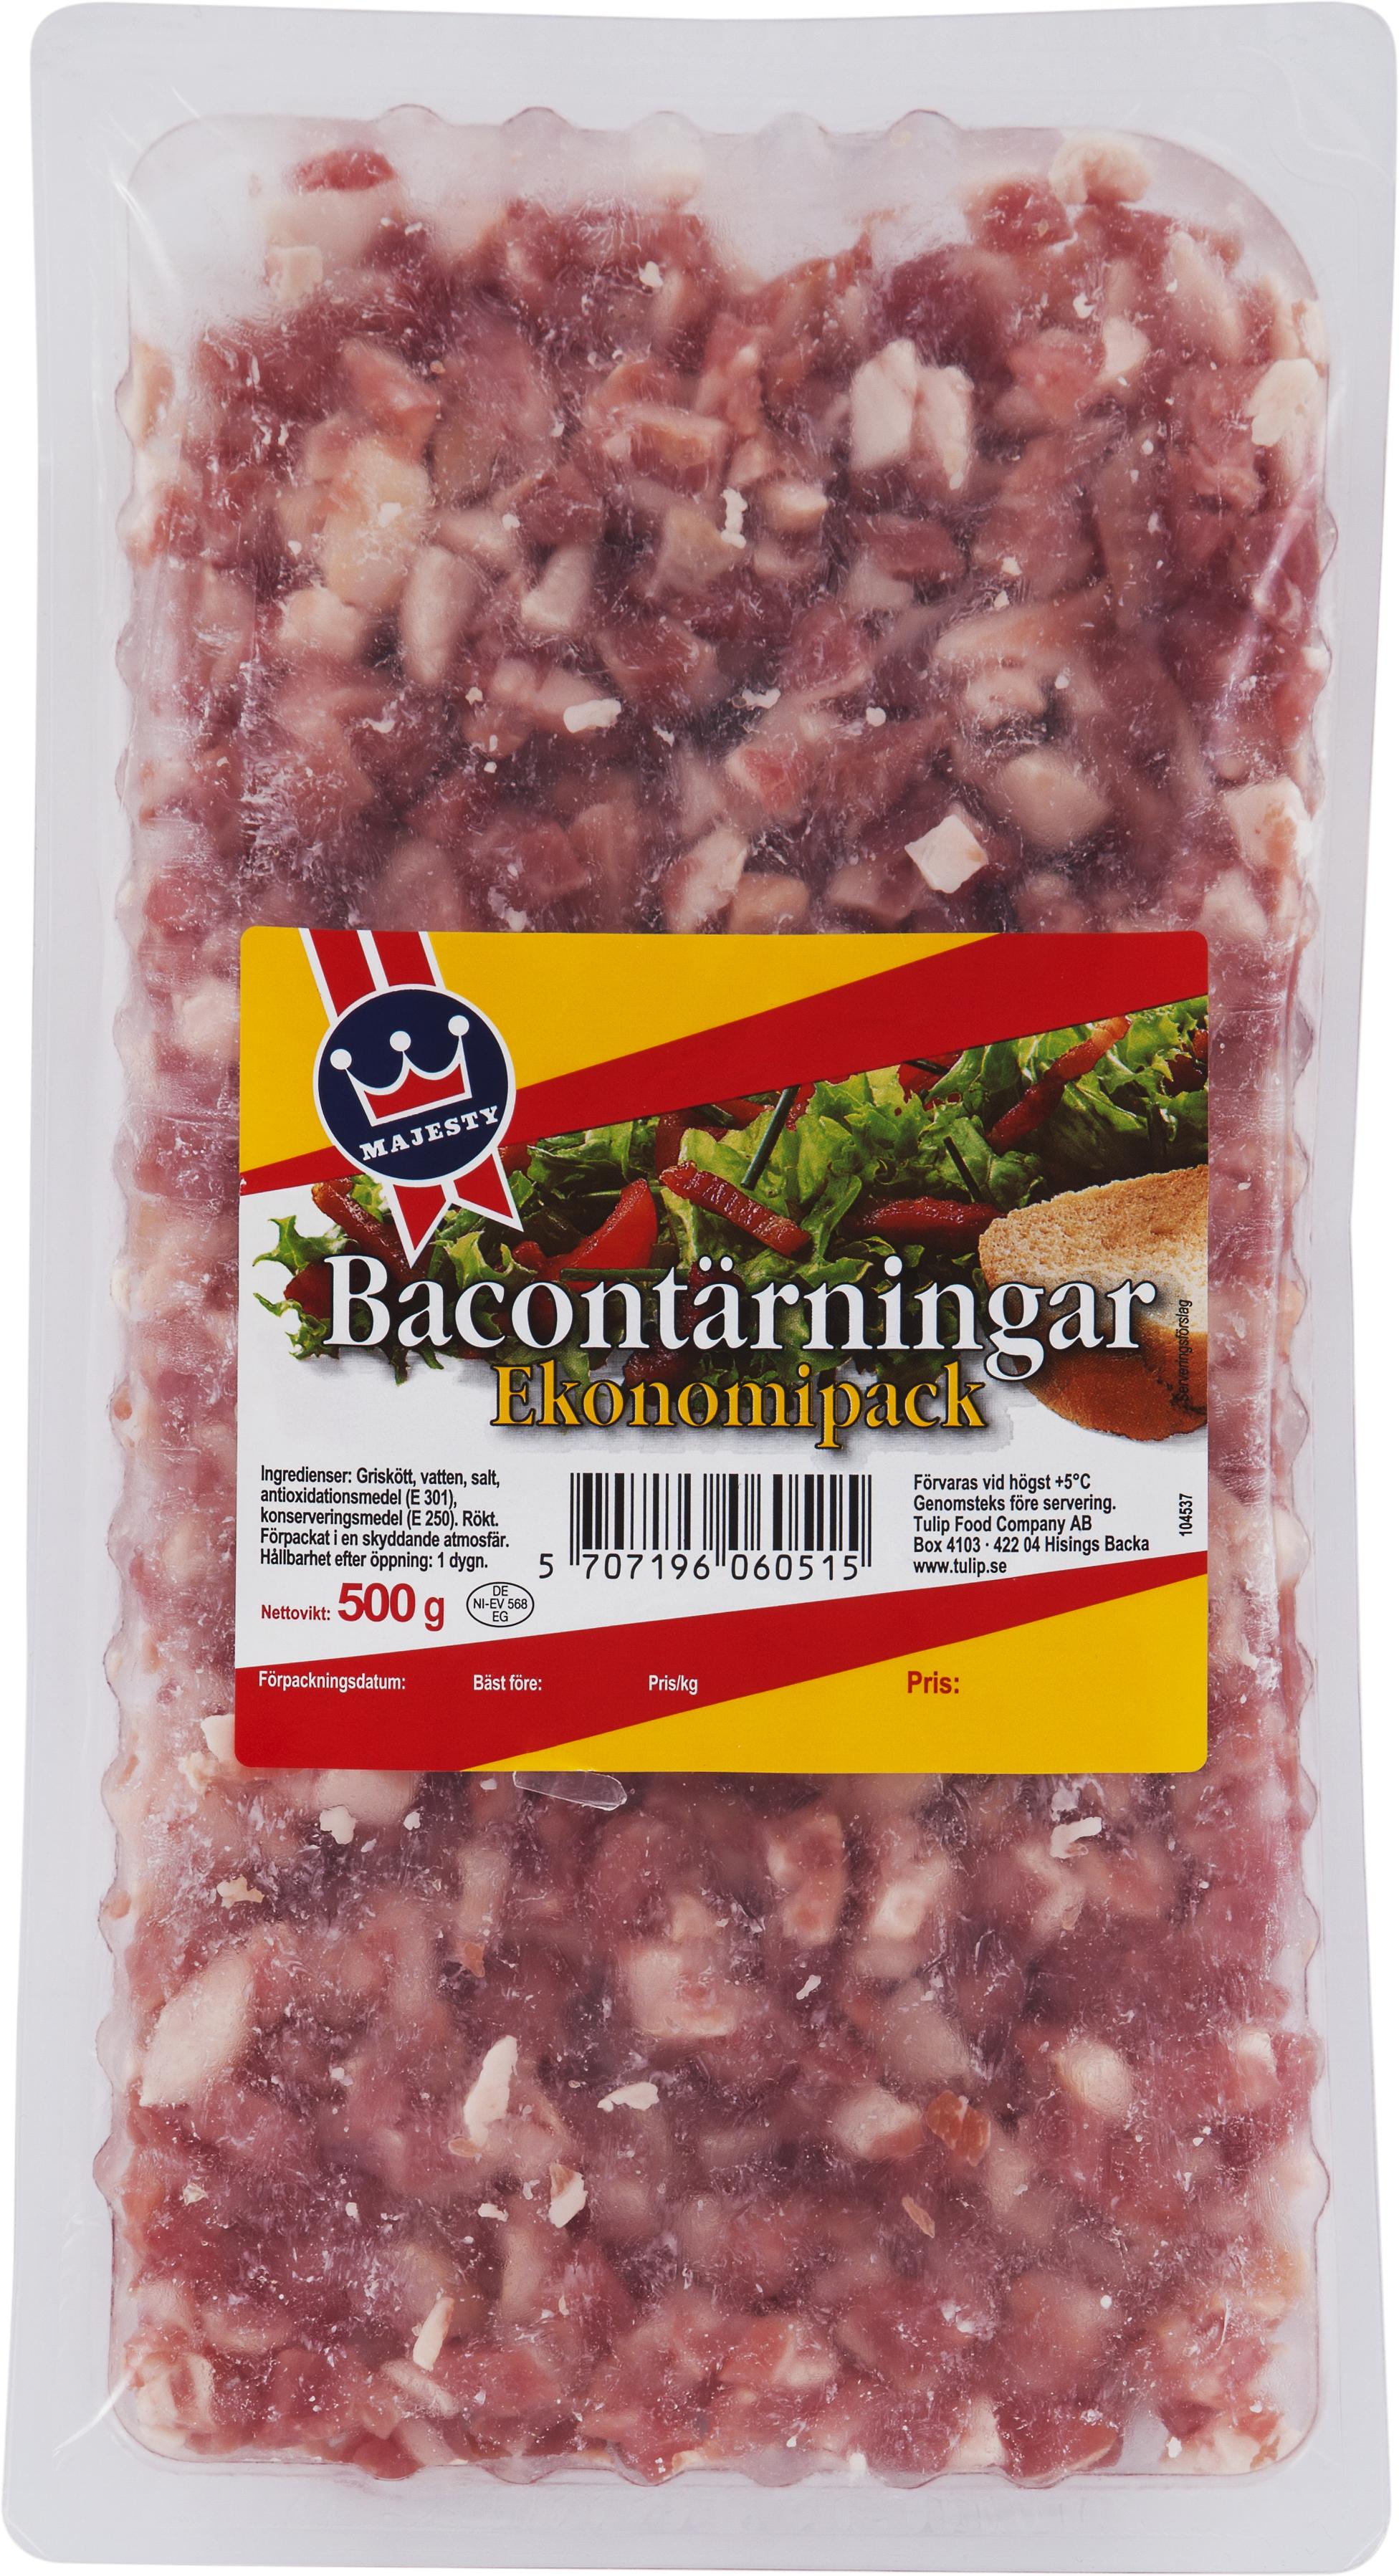 Bacontärningar_Majesty, 500g_29,90 :förp